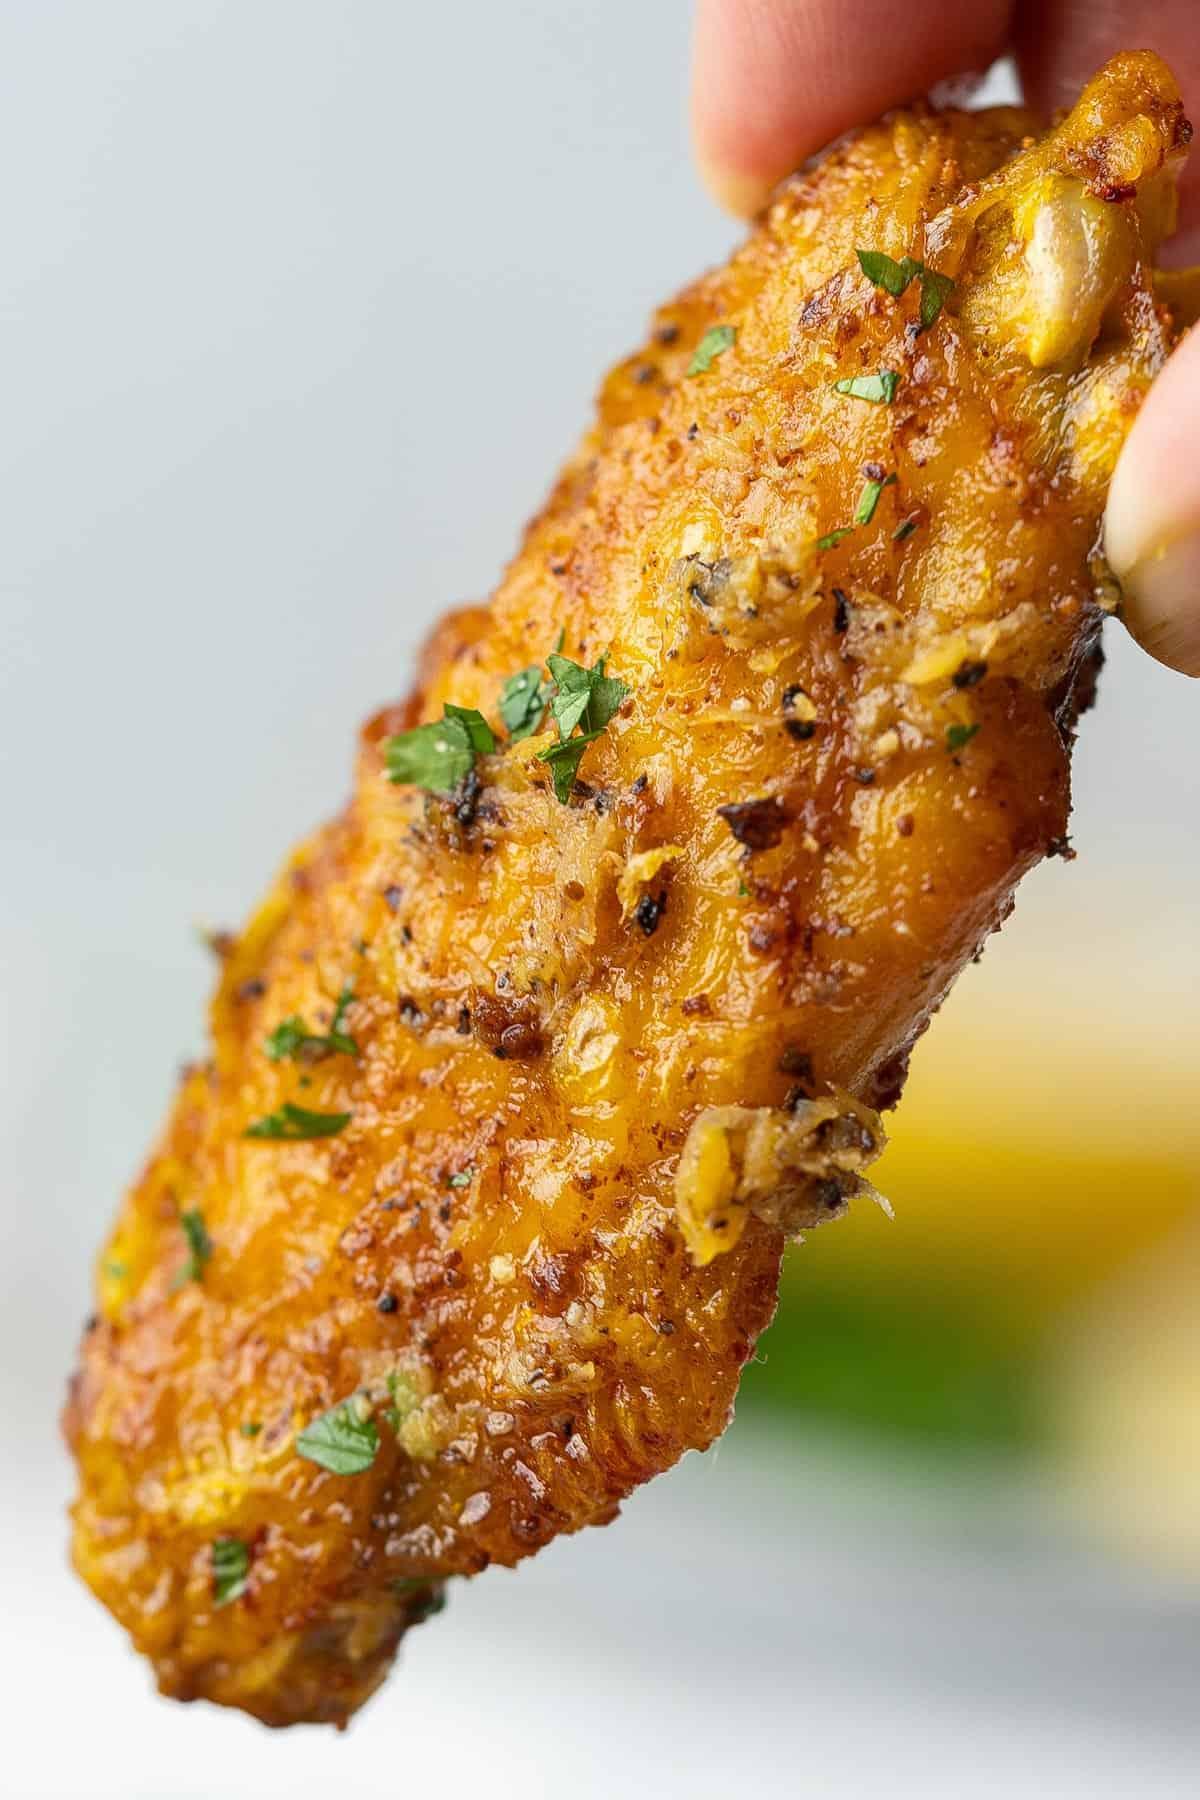 Holding a crispy baked lemon pepper chicken wing